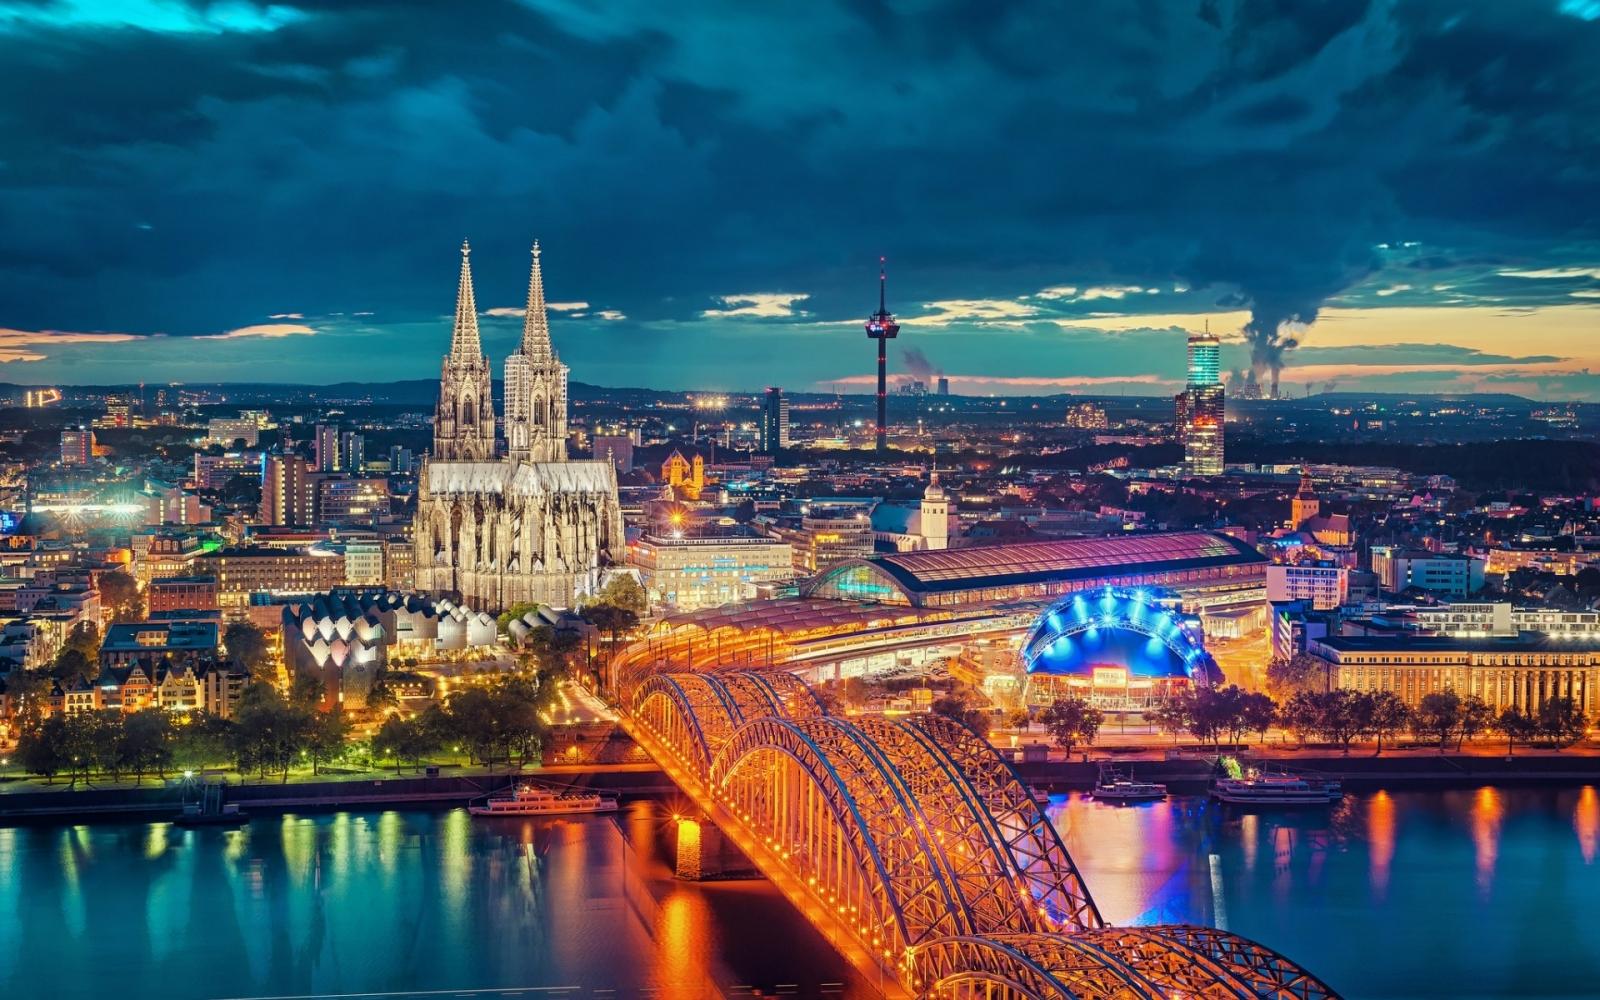 تصاویر دیدنی از کشور آلمان